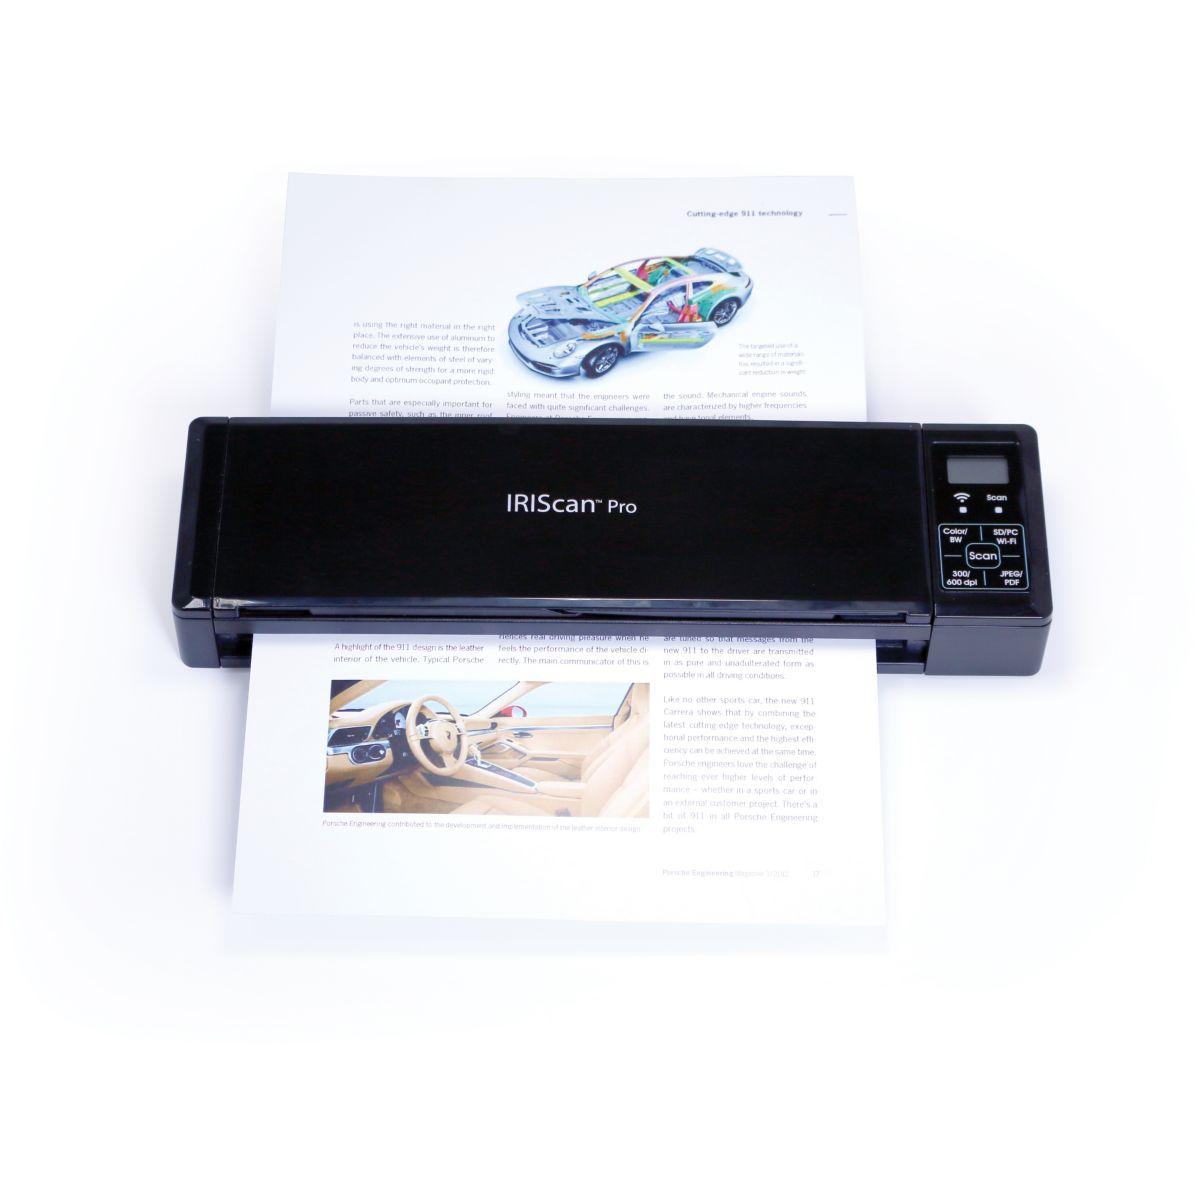 Scanner portable iris irisscan pro 3 wifi - 10% de remise immédiate avec le code : cool10 (photo)